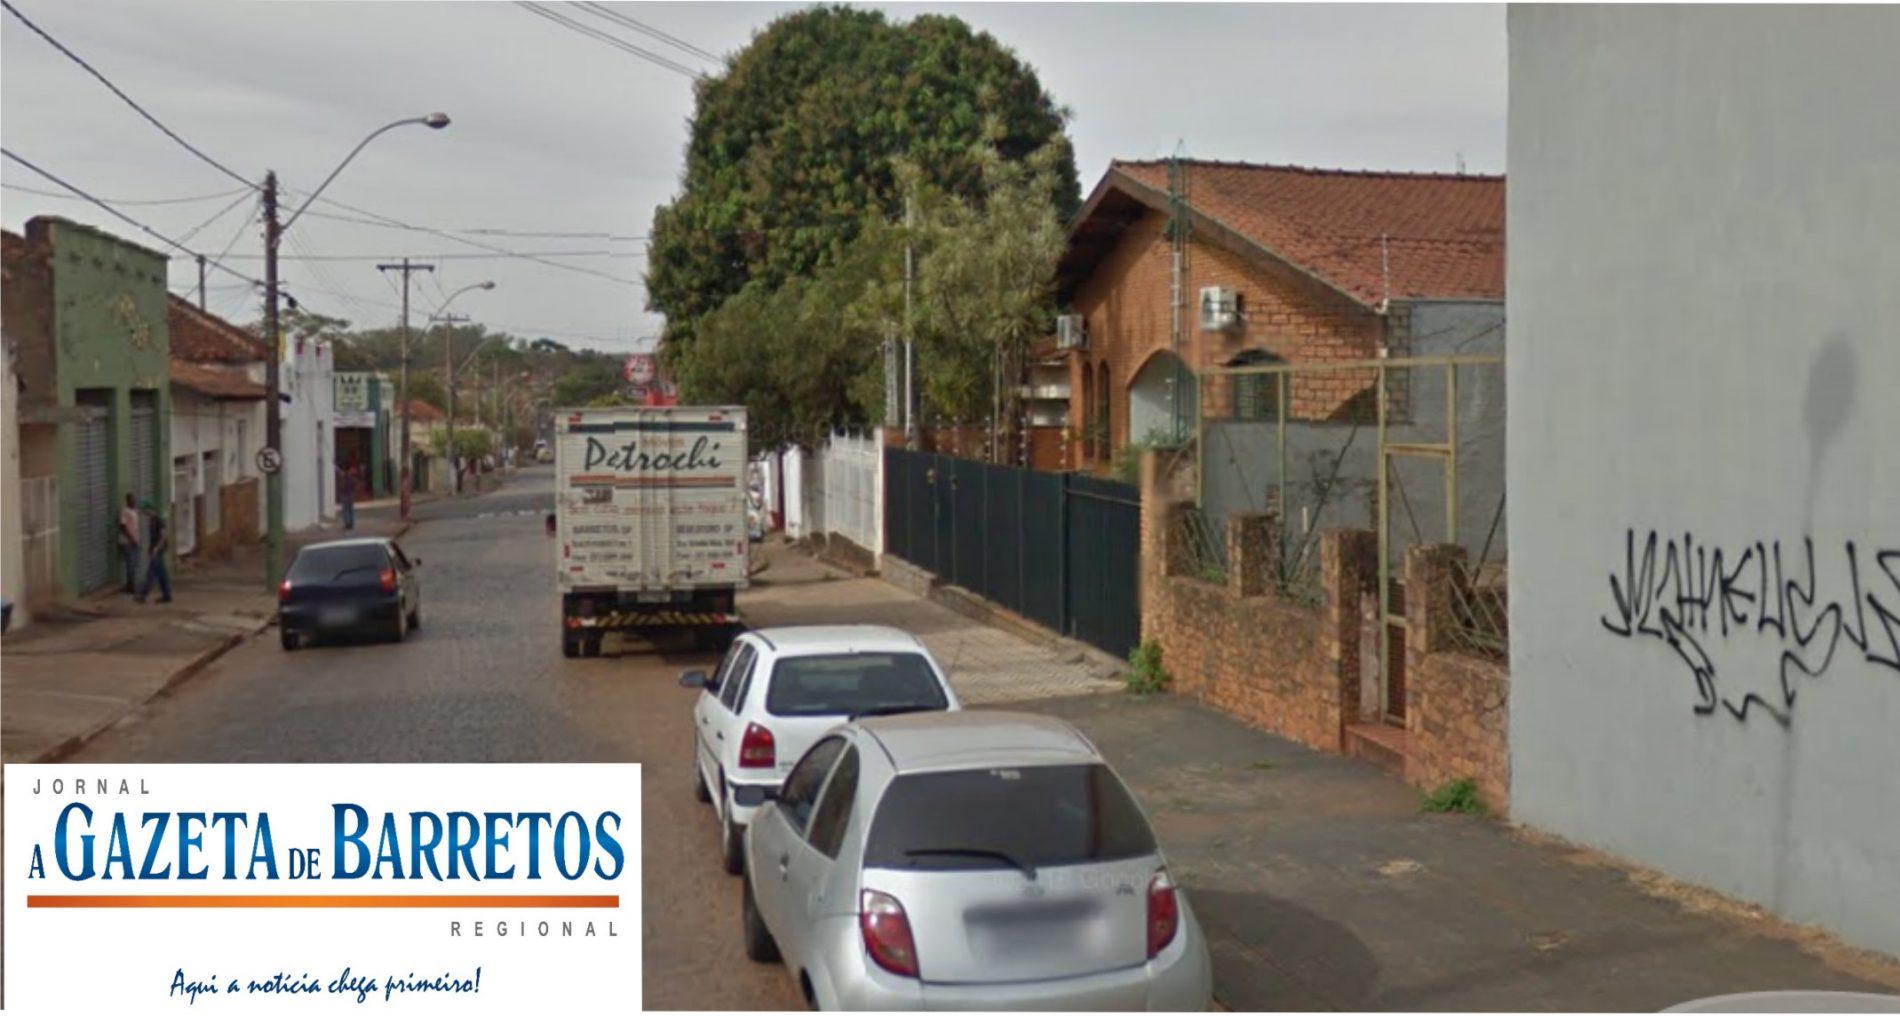 Homem disse que menores de Casa Abrigo invadiram residência de sua mãe e furtaram latas de tintas